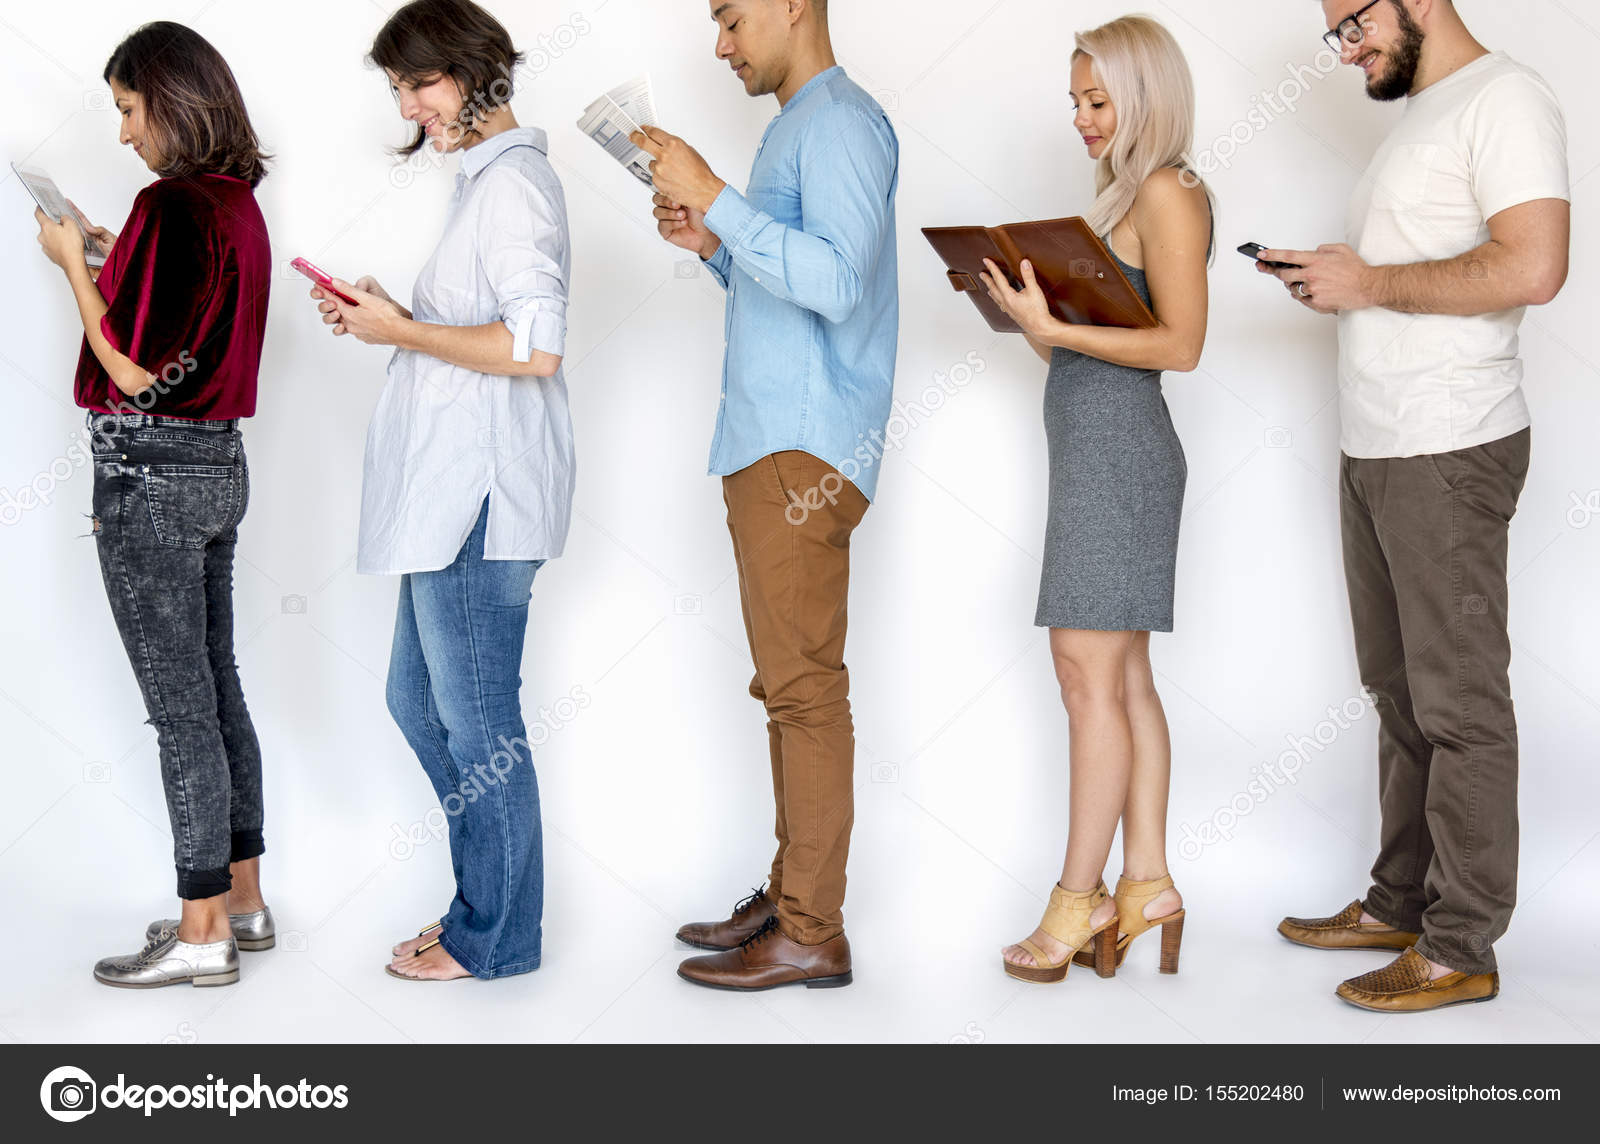 personas de pie y la lectura fotos de stock rawpixel 155202480